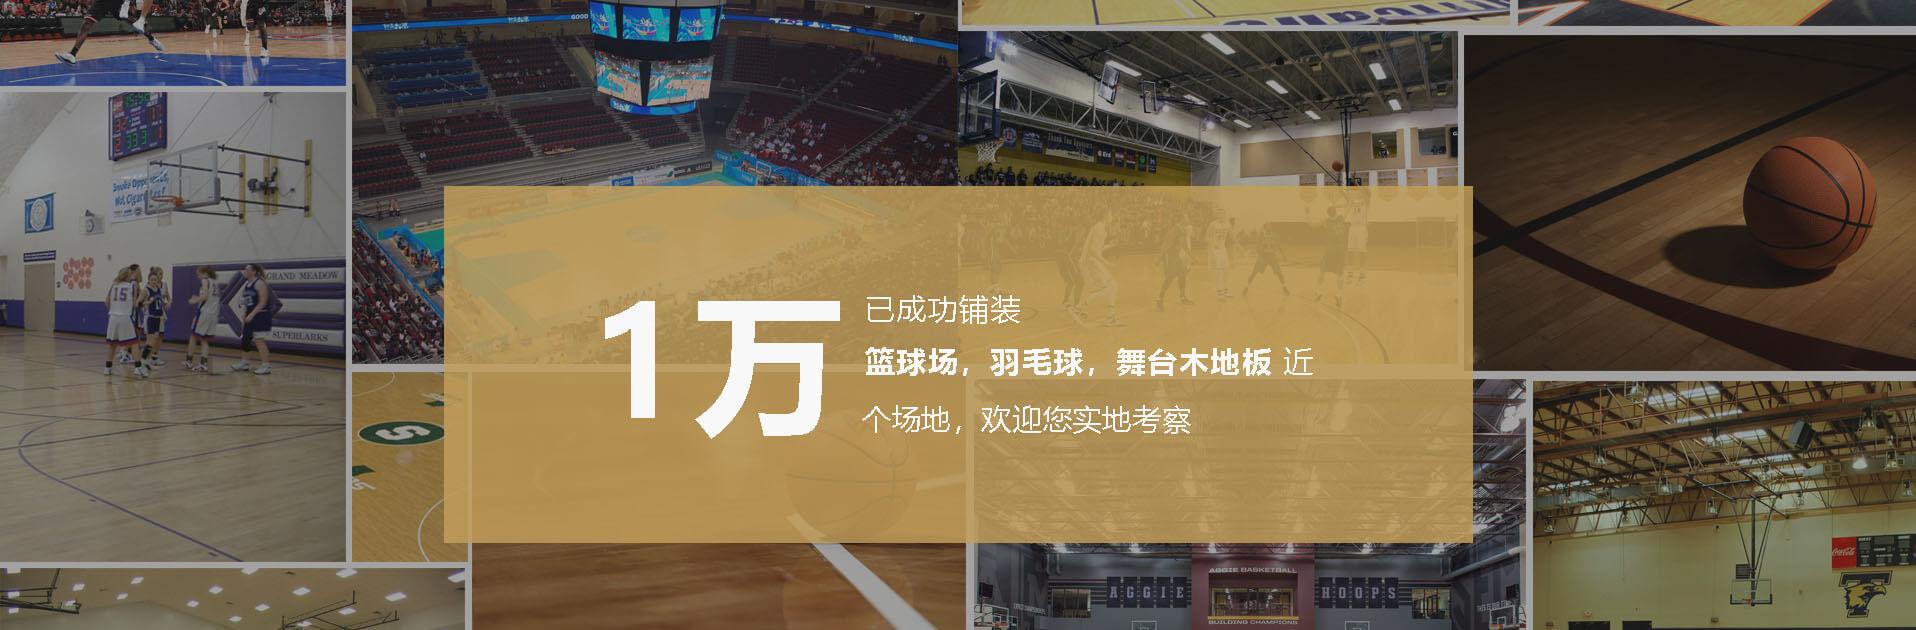 已cheng功铺装篮球场,羽毛球,舞台mu地板5千+